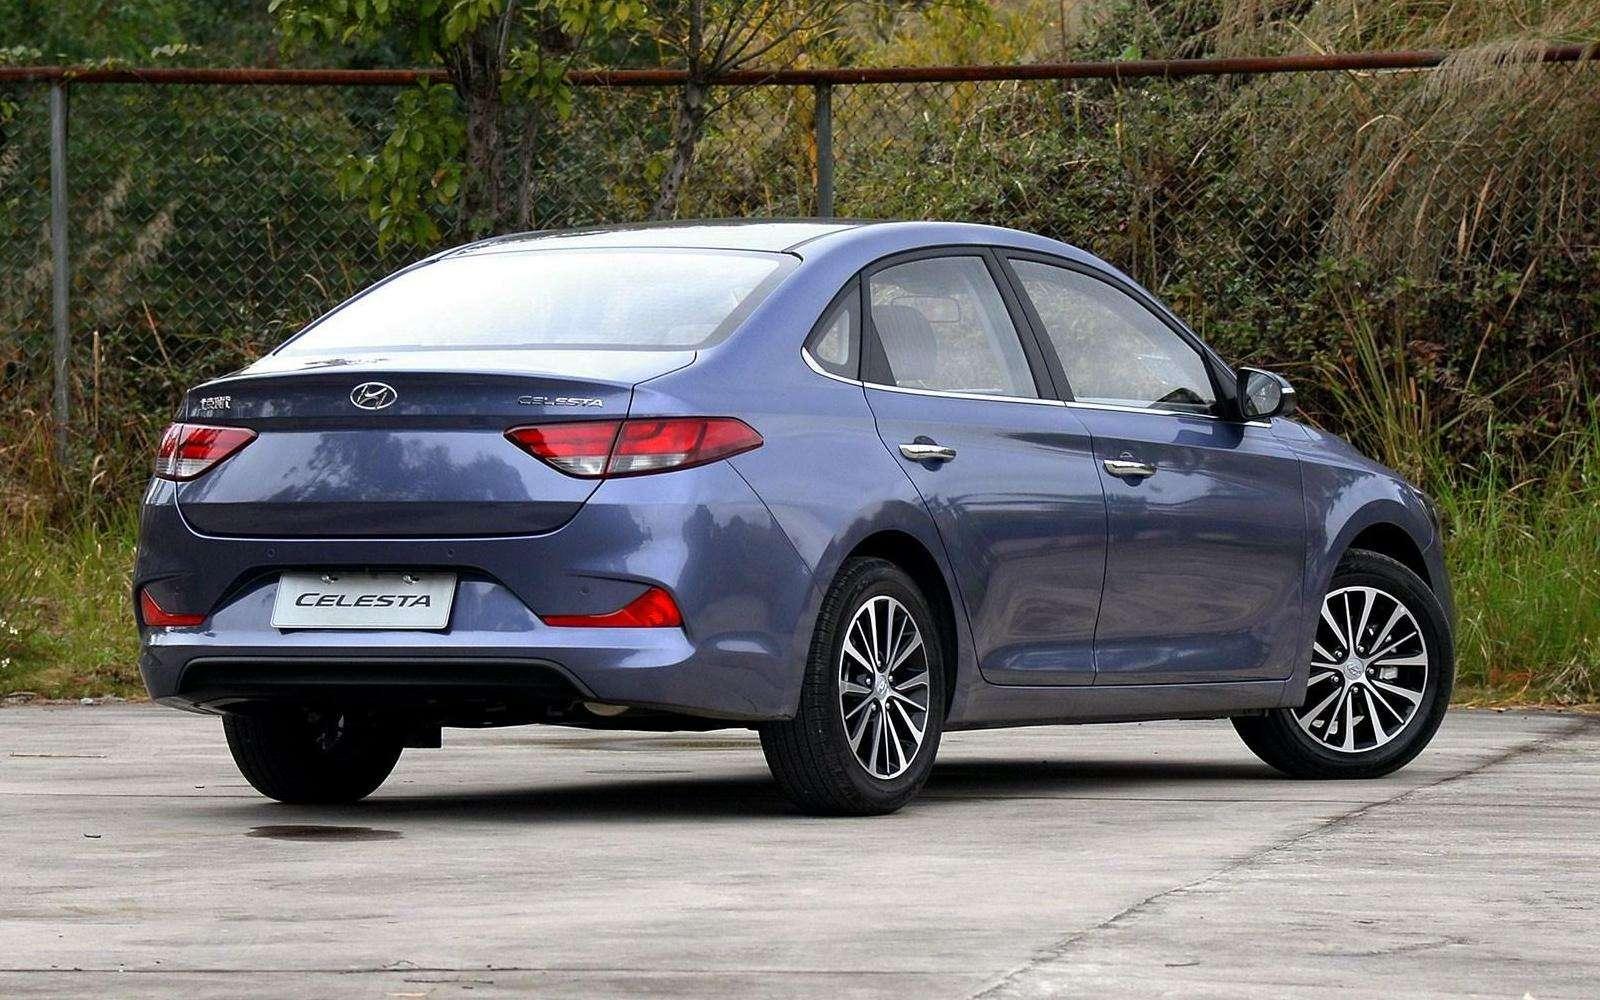 Выросла изСоляриса: Hyundai Celesta метит вбестселлеры— фото 724823